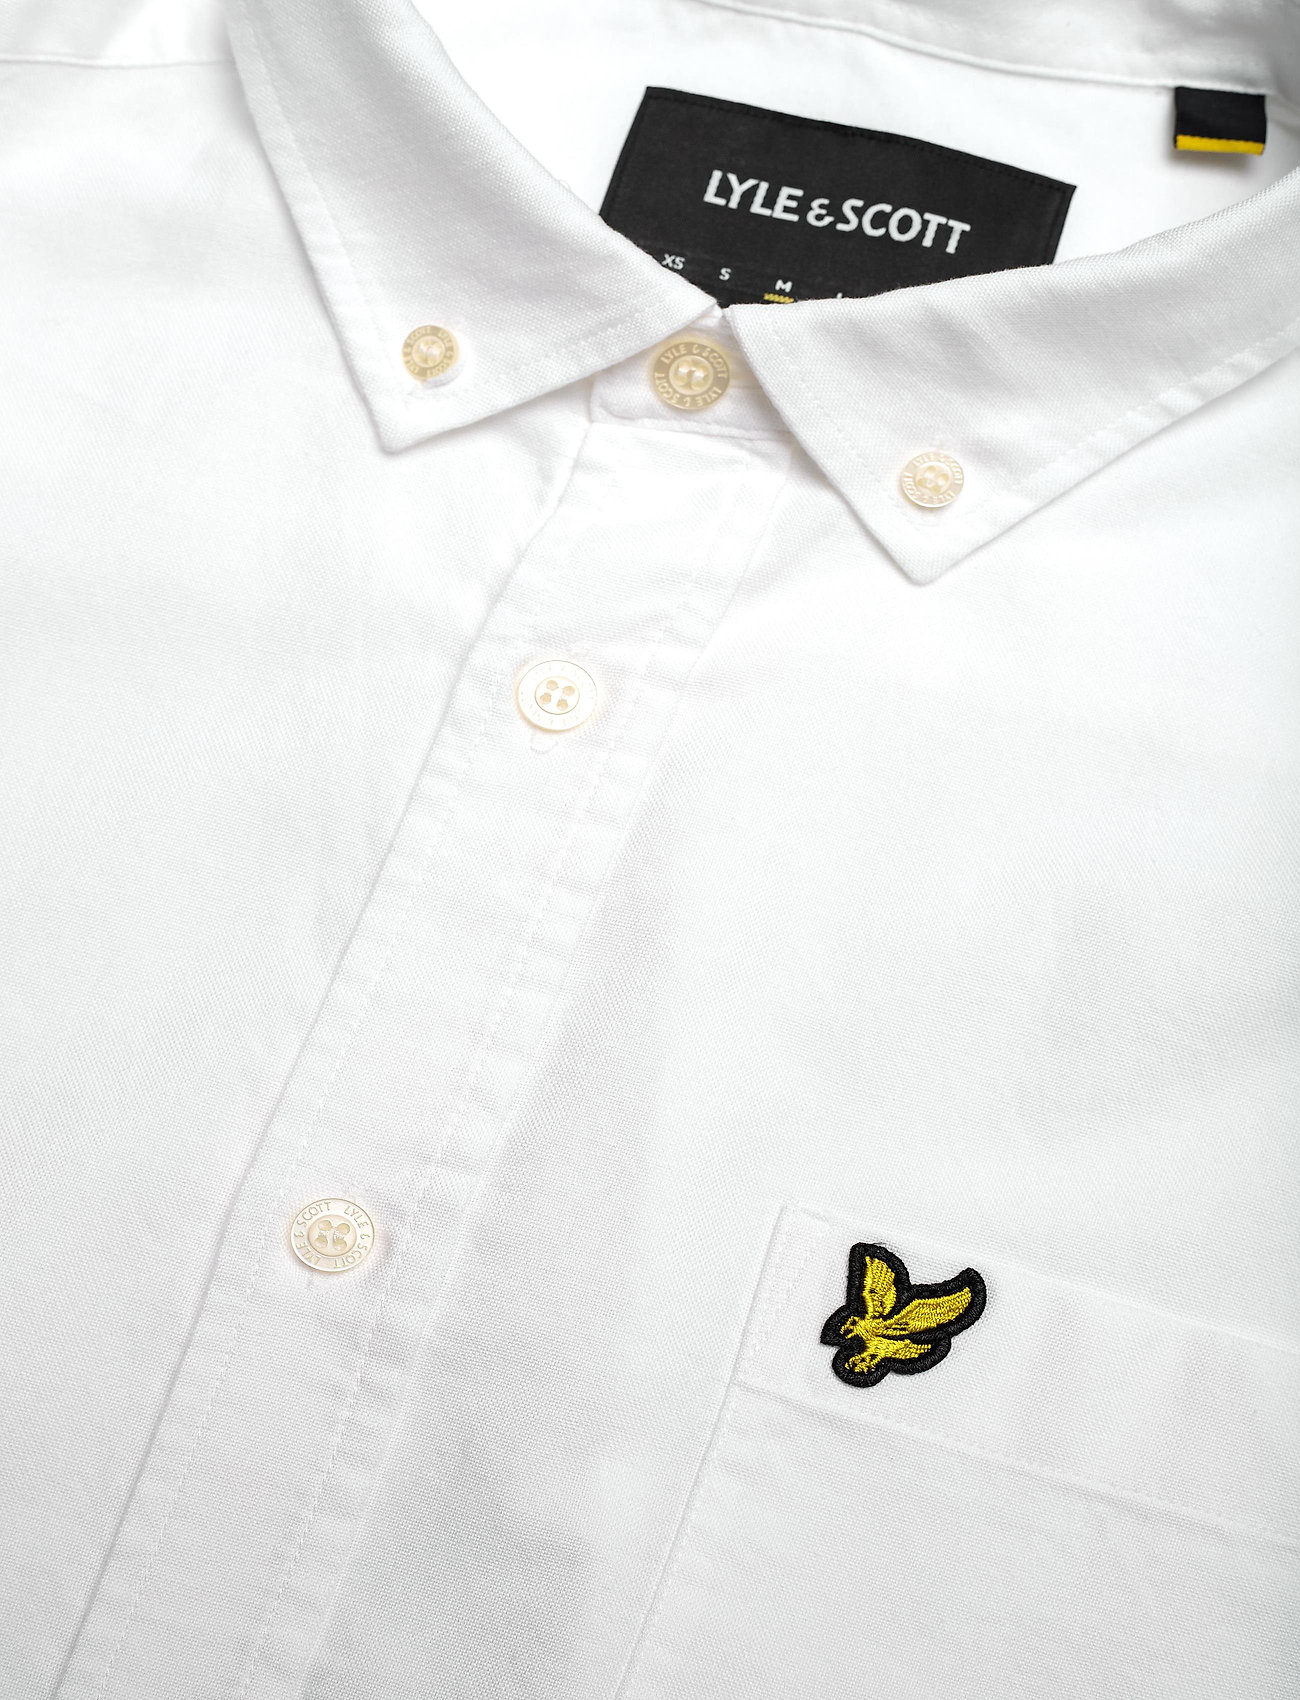 Lyle & Scott Regular Fit Light Weight Oxford Shirt - Skjorter WHITE - Menn Klær